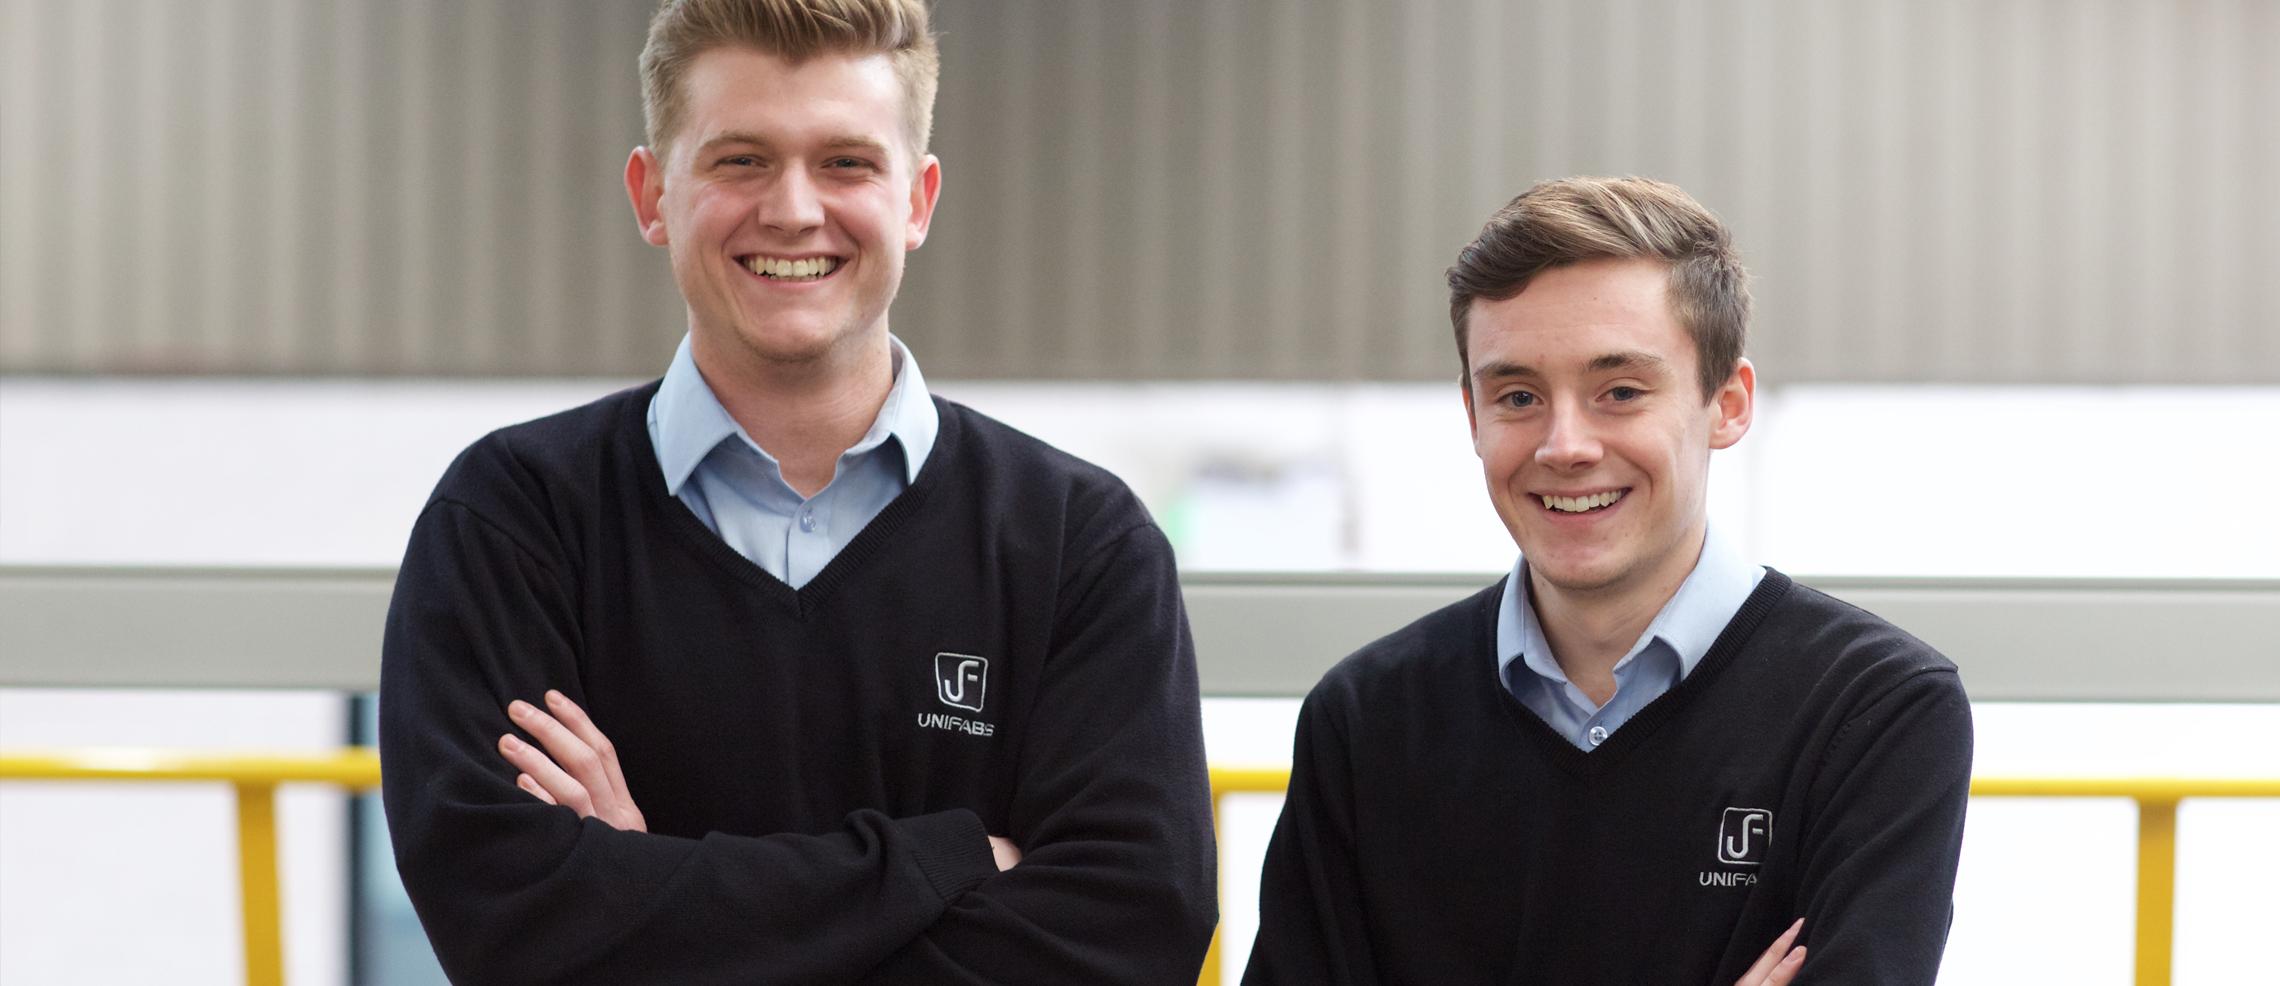 Unifabs apprenticeships